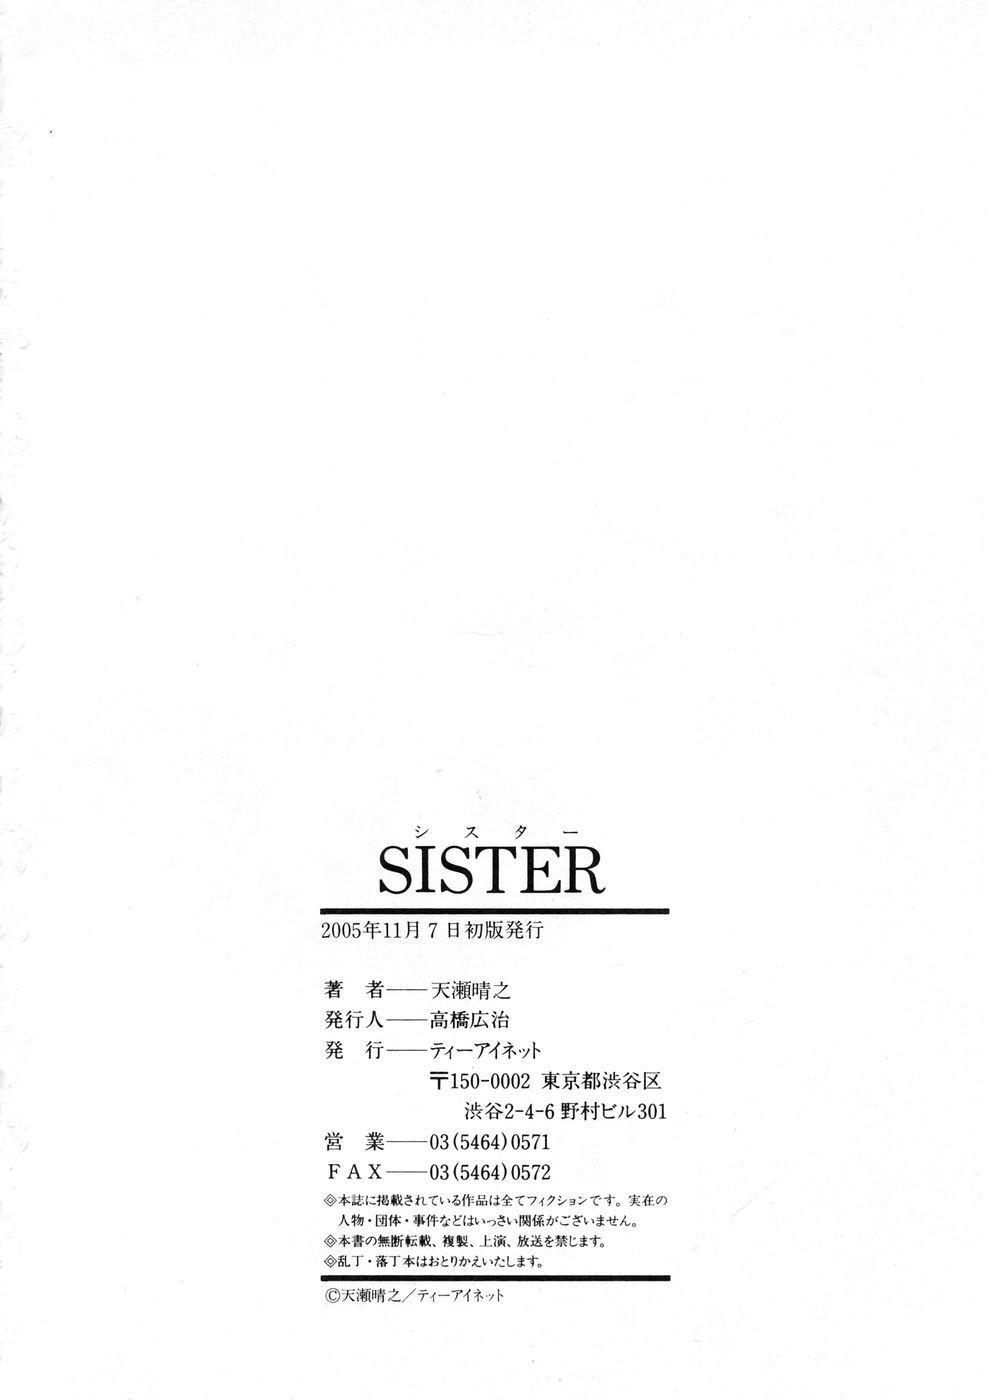 SISTER 209